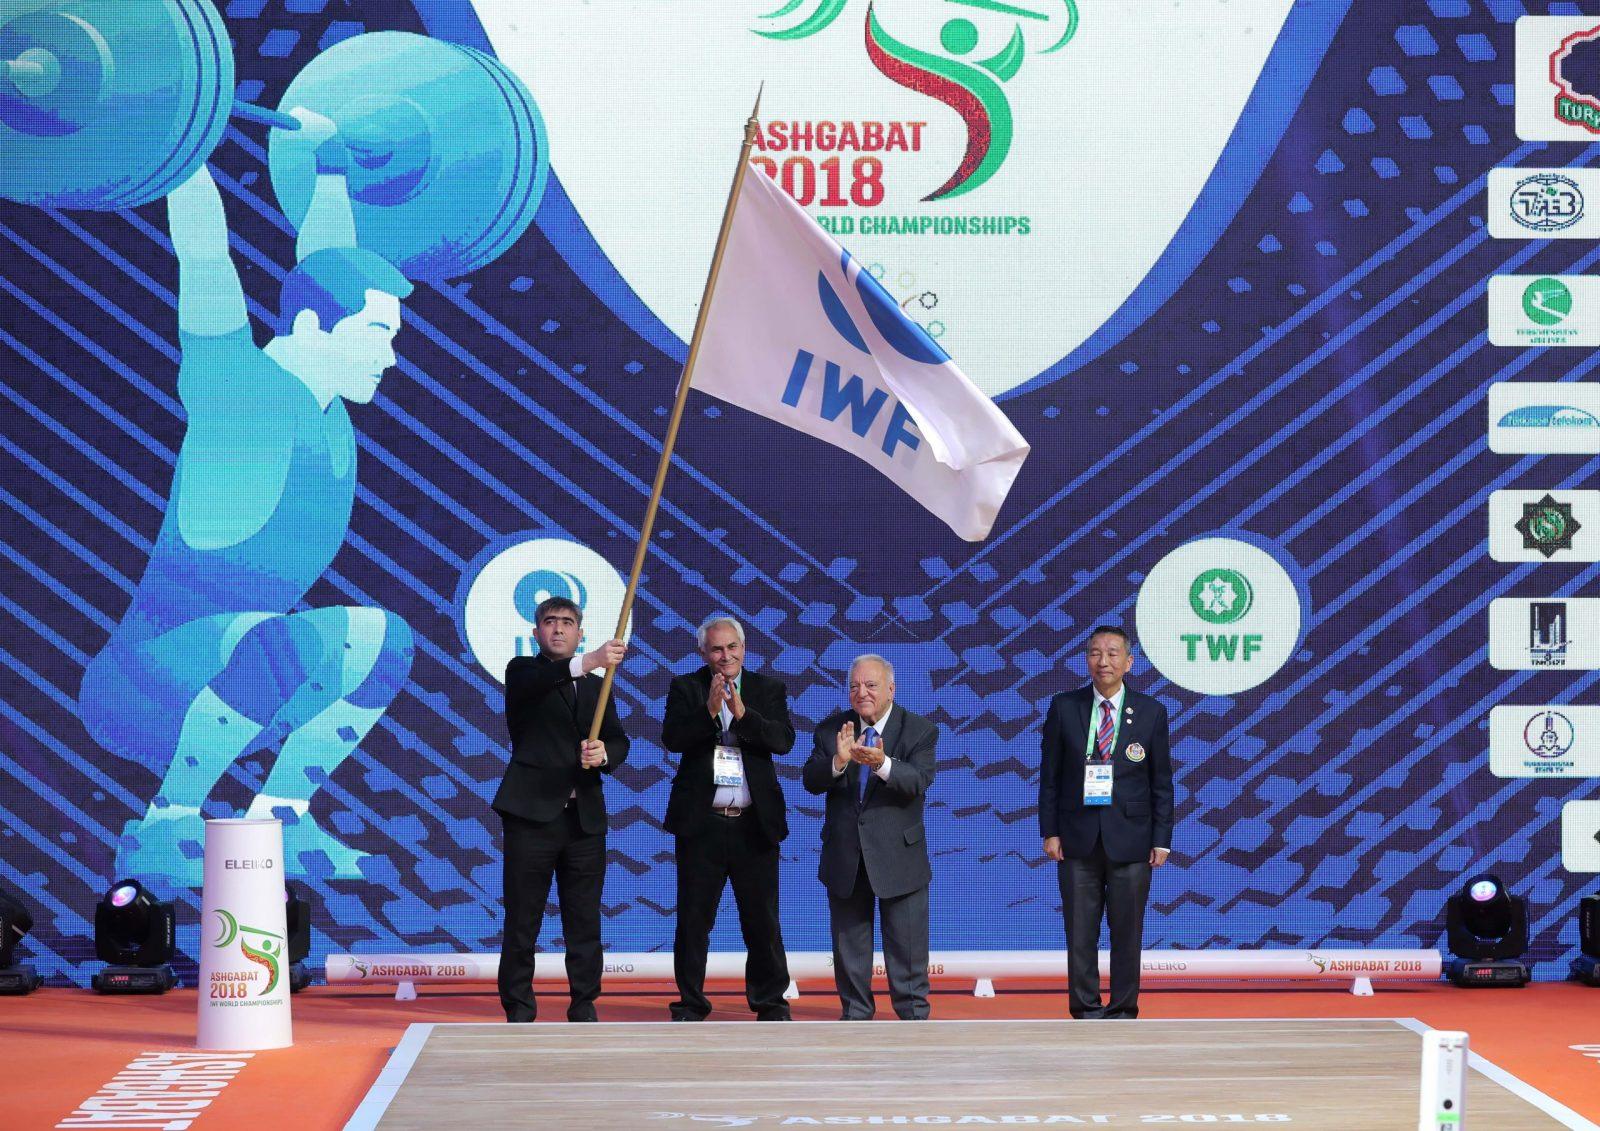 В Ашхабаде завершился Чемпионат мира по тяжелой атлетике